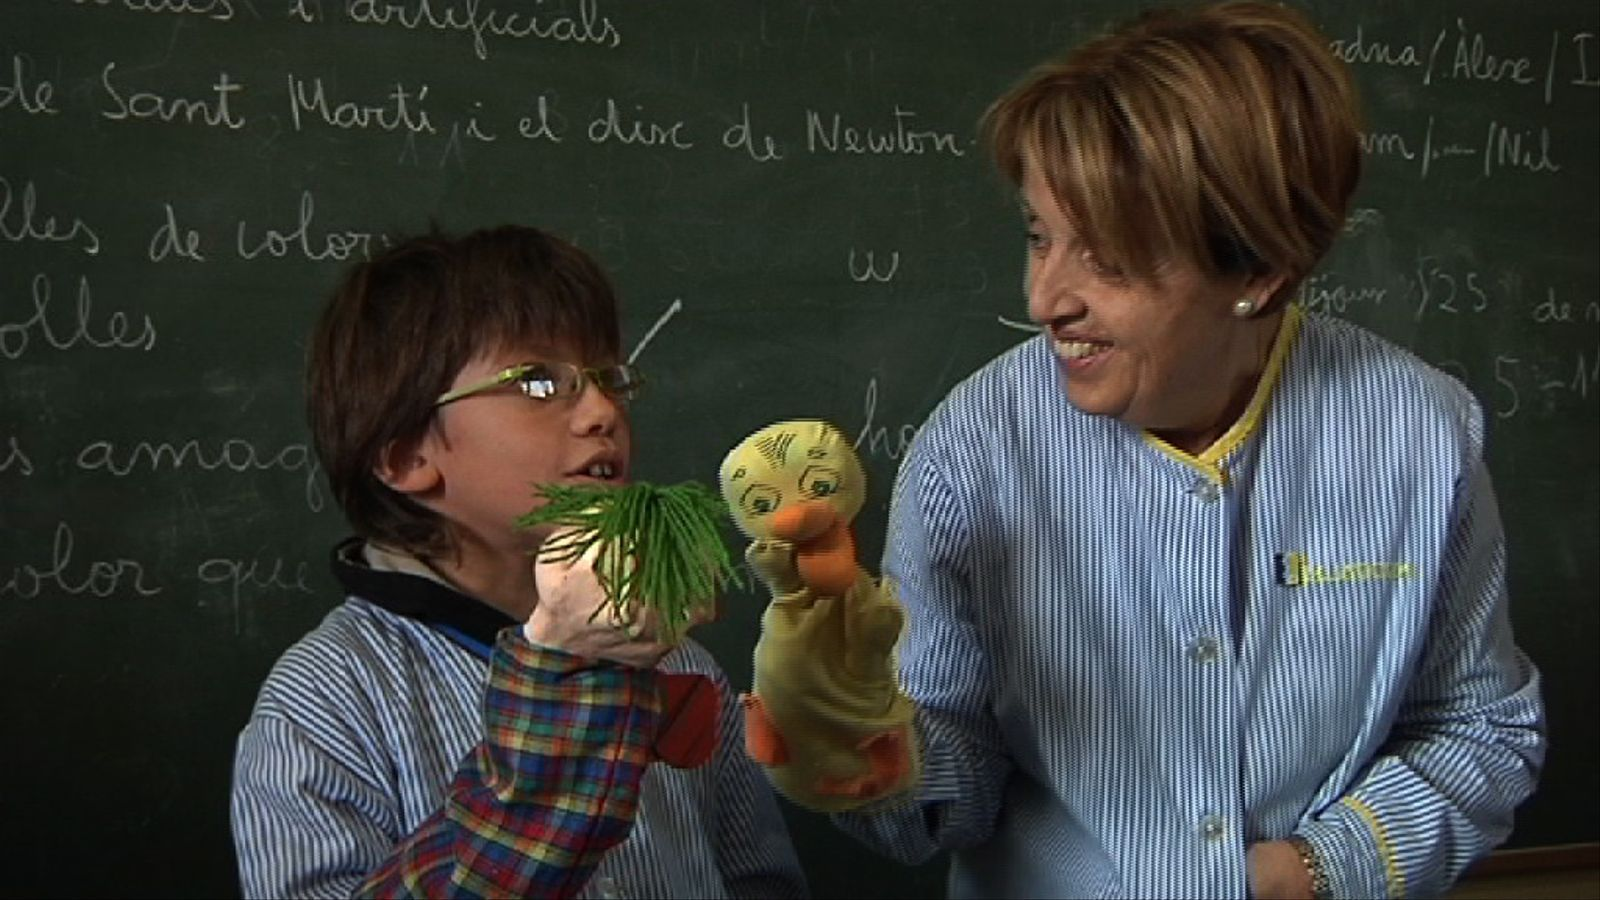 ARA Mestres: Us presentem la Maria Antònia, mestra de més d'una generació